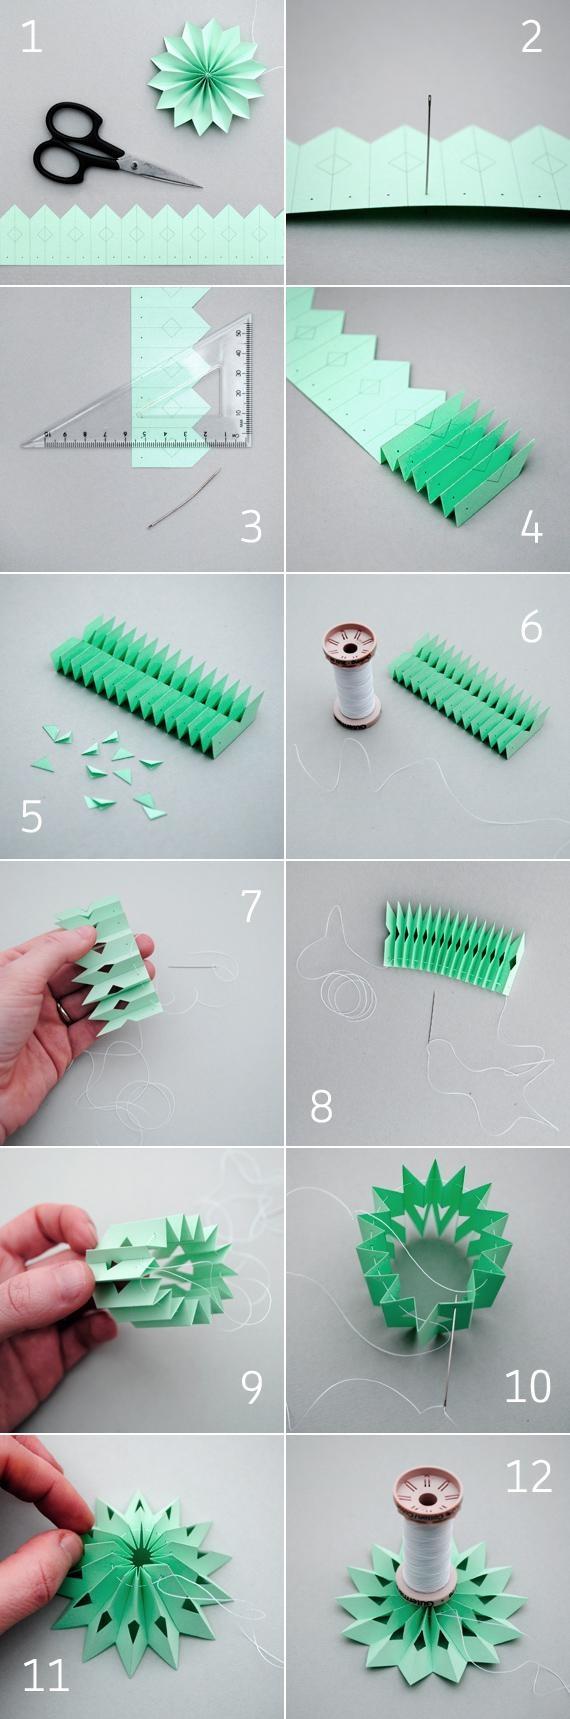 acordeón Cómo hacer guirnaldas de papel